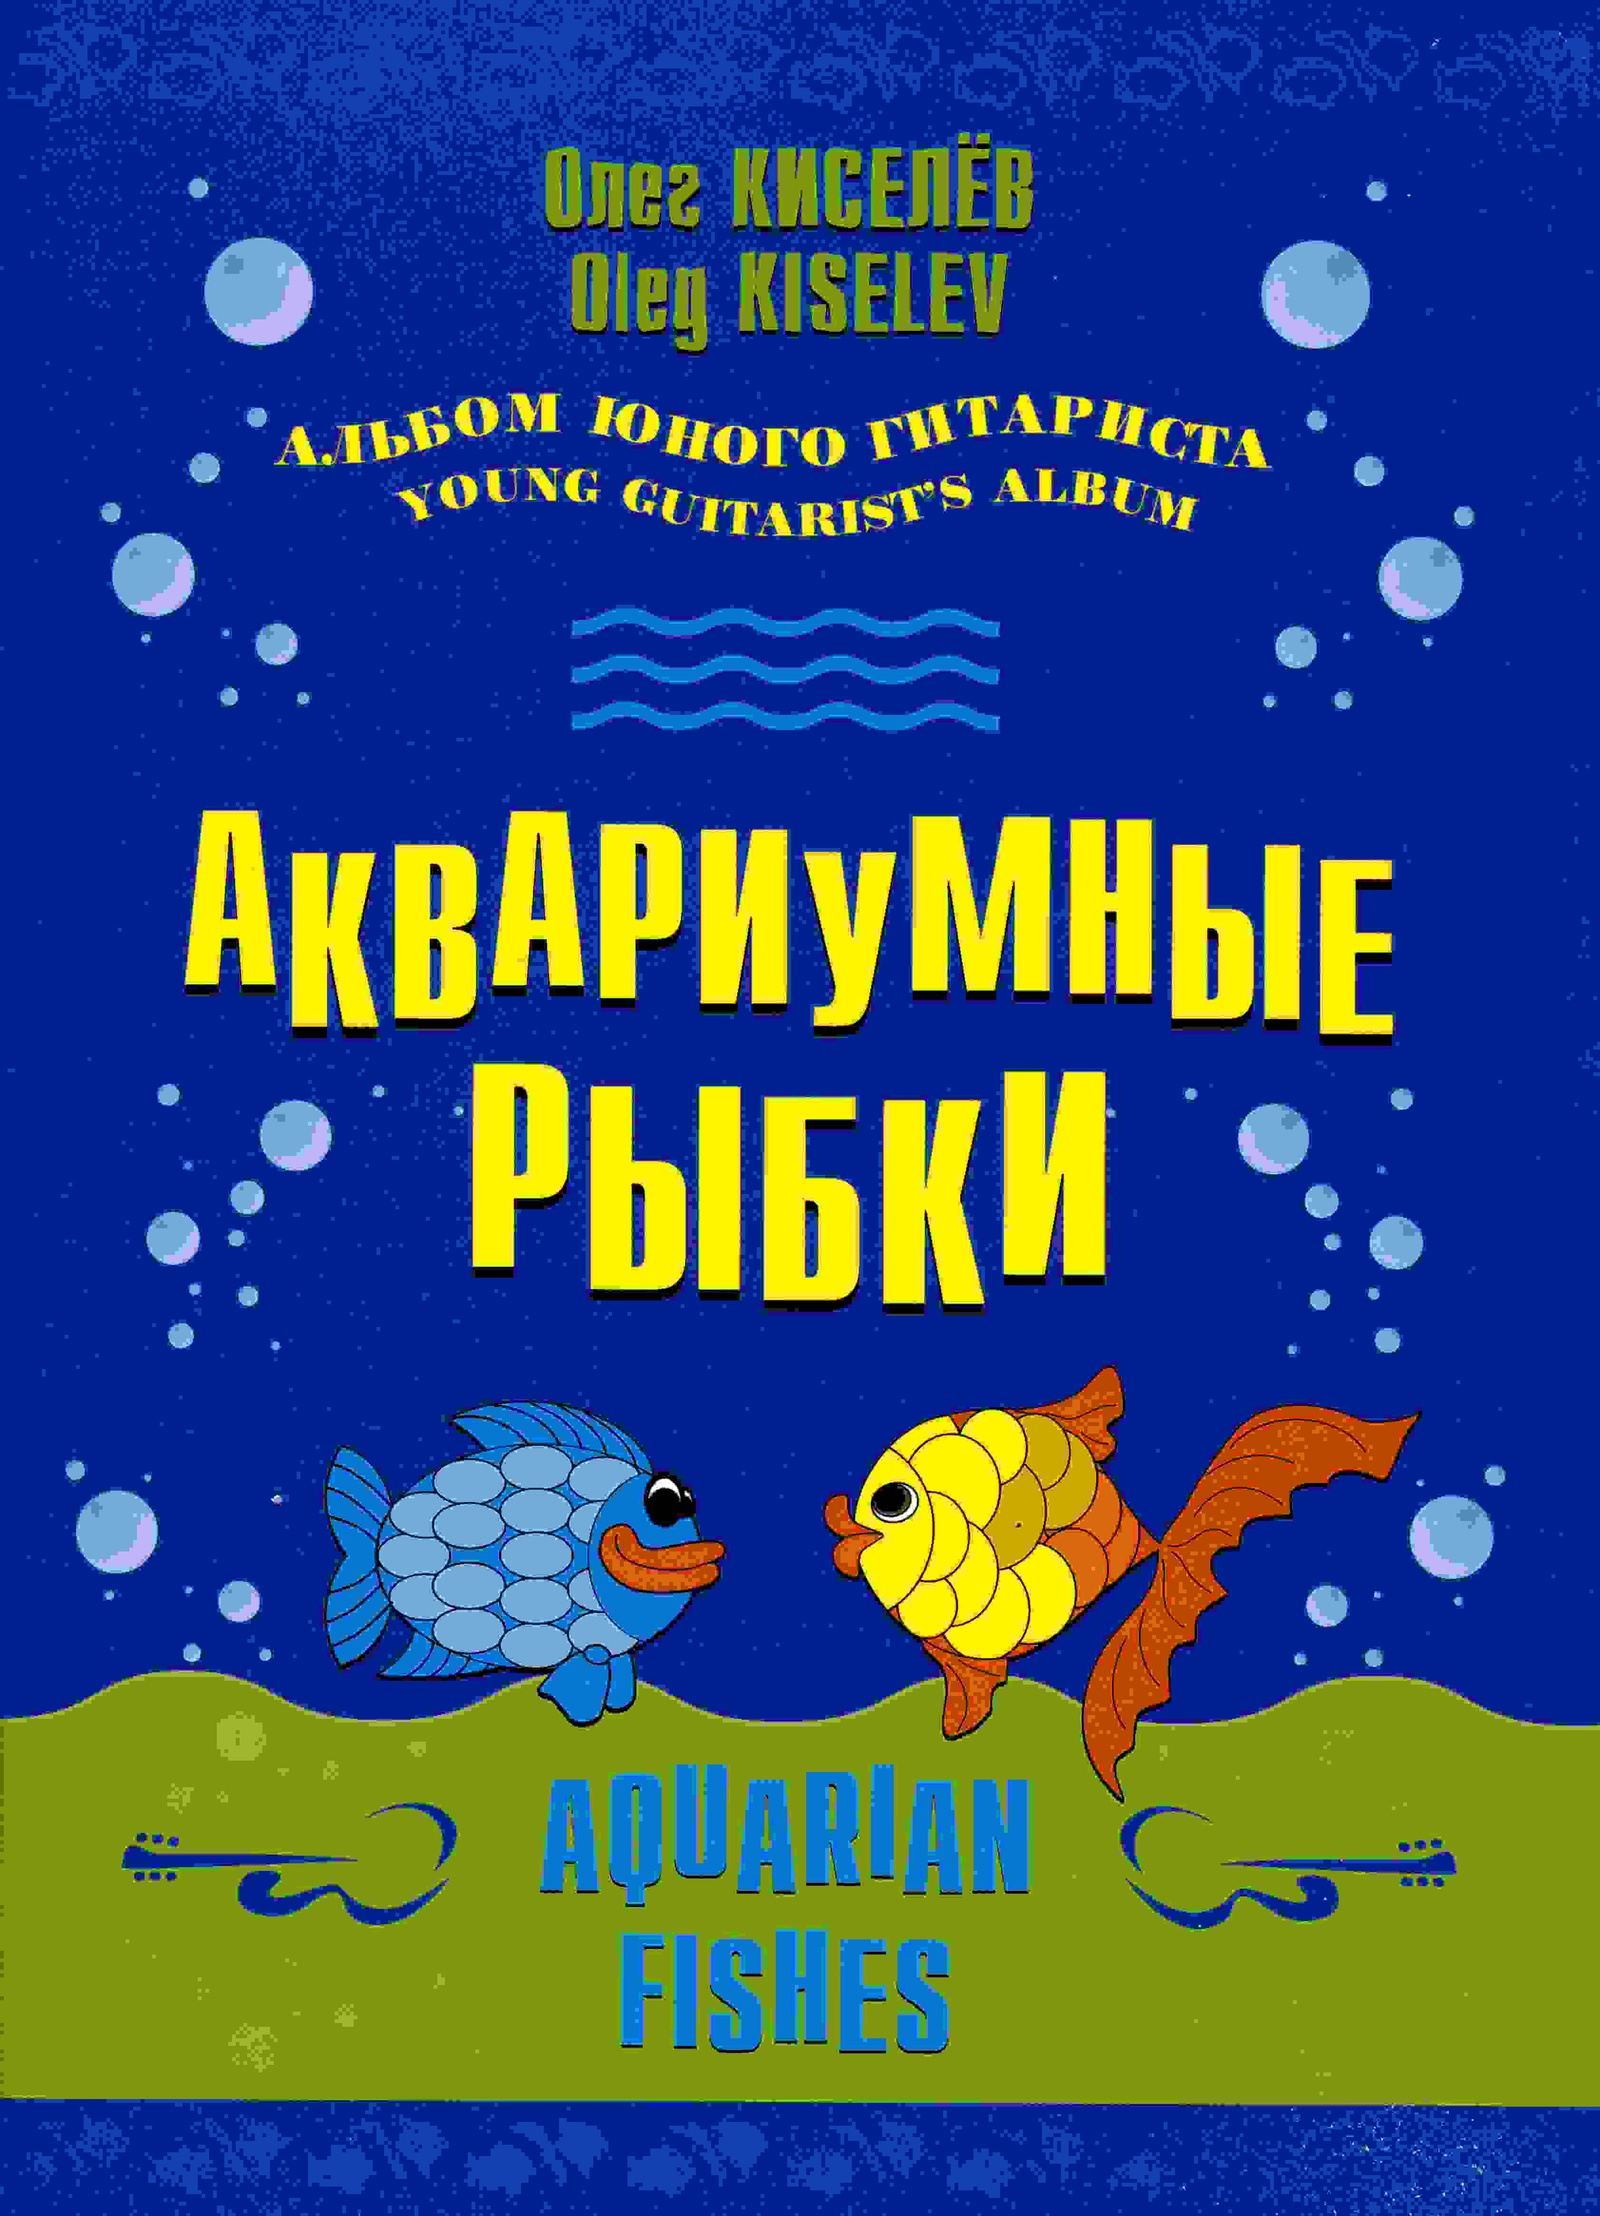 Киселёв Олег Николаевич Киселёв О. Аквариумные рыбки (Альбом юного гитариста)